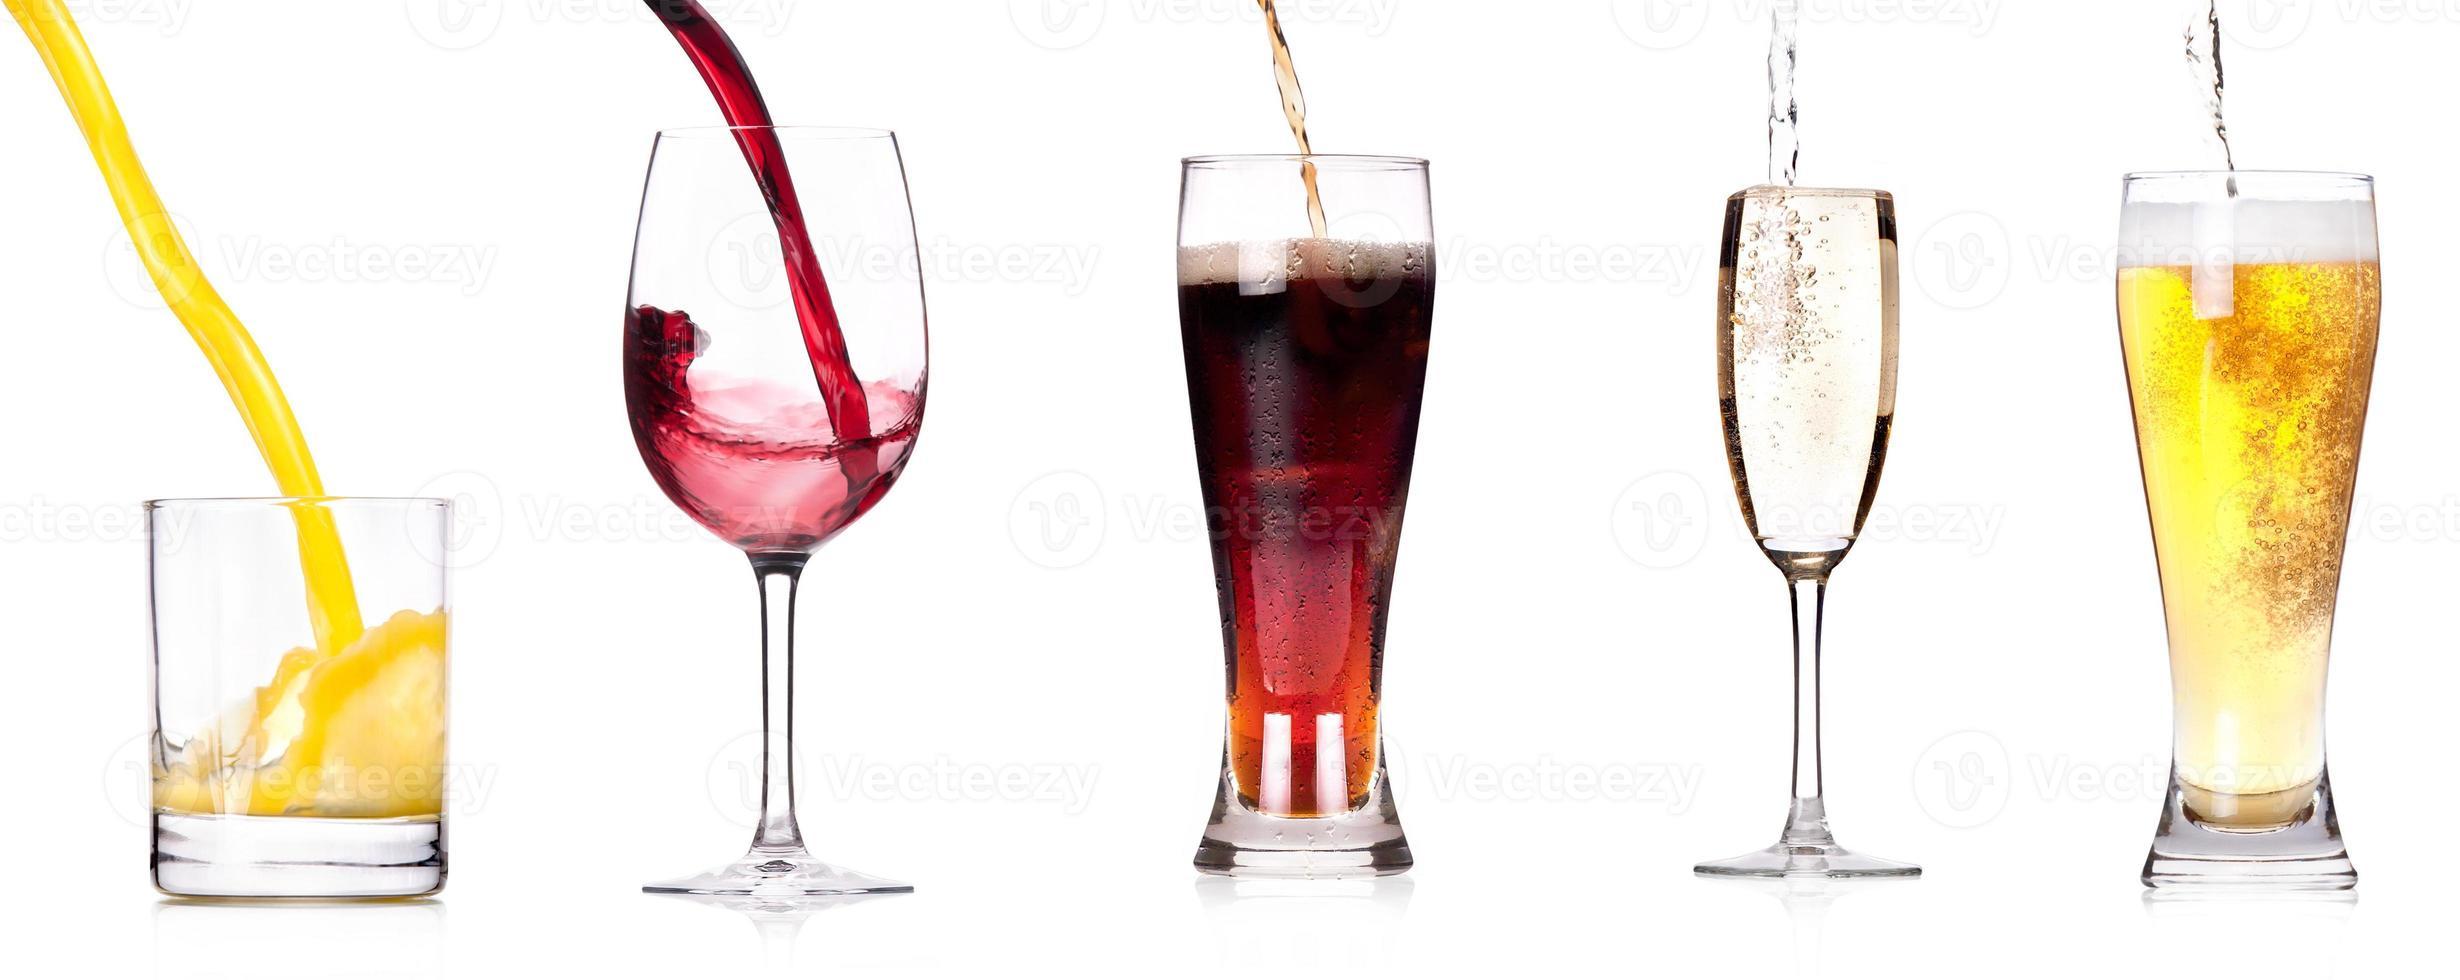 derramando bebidas foto